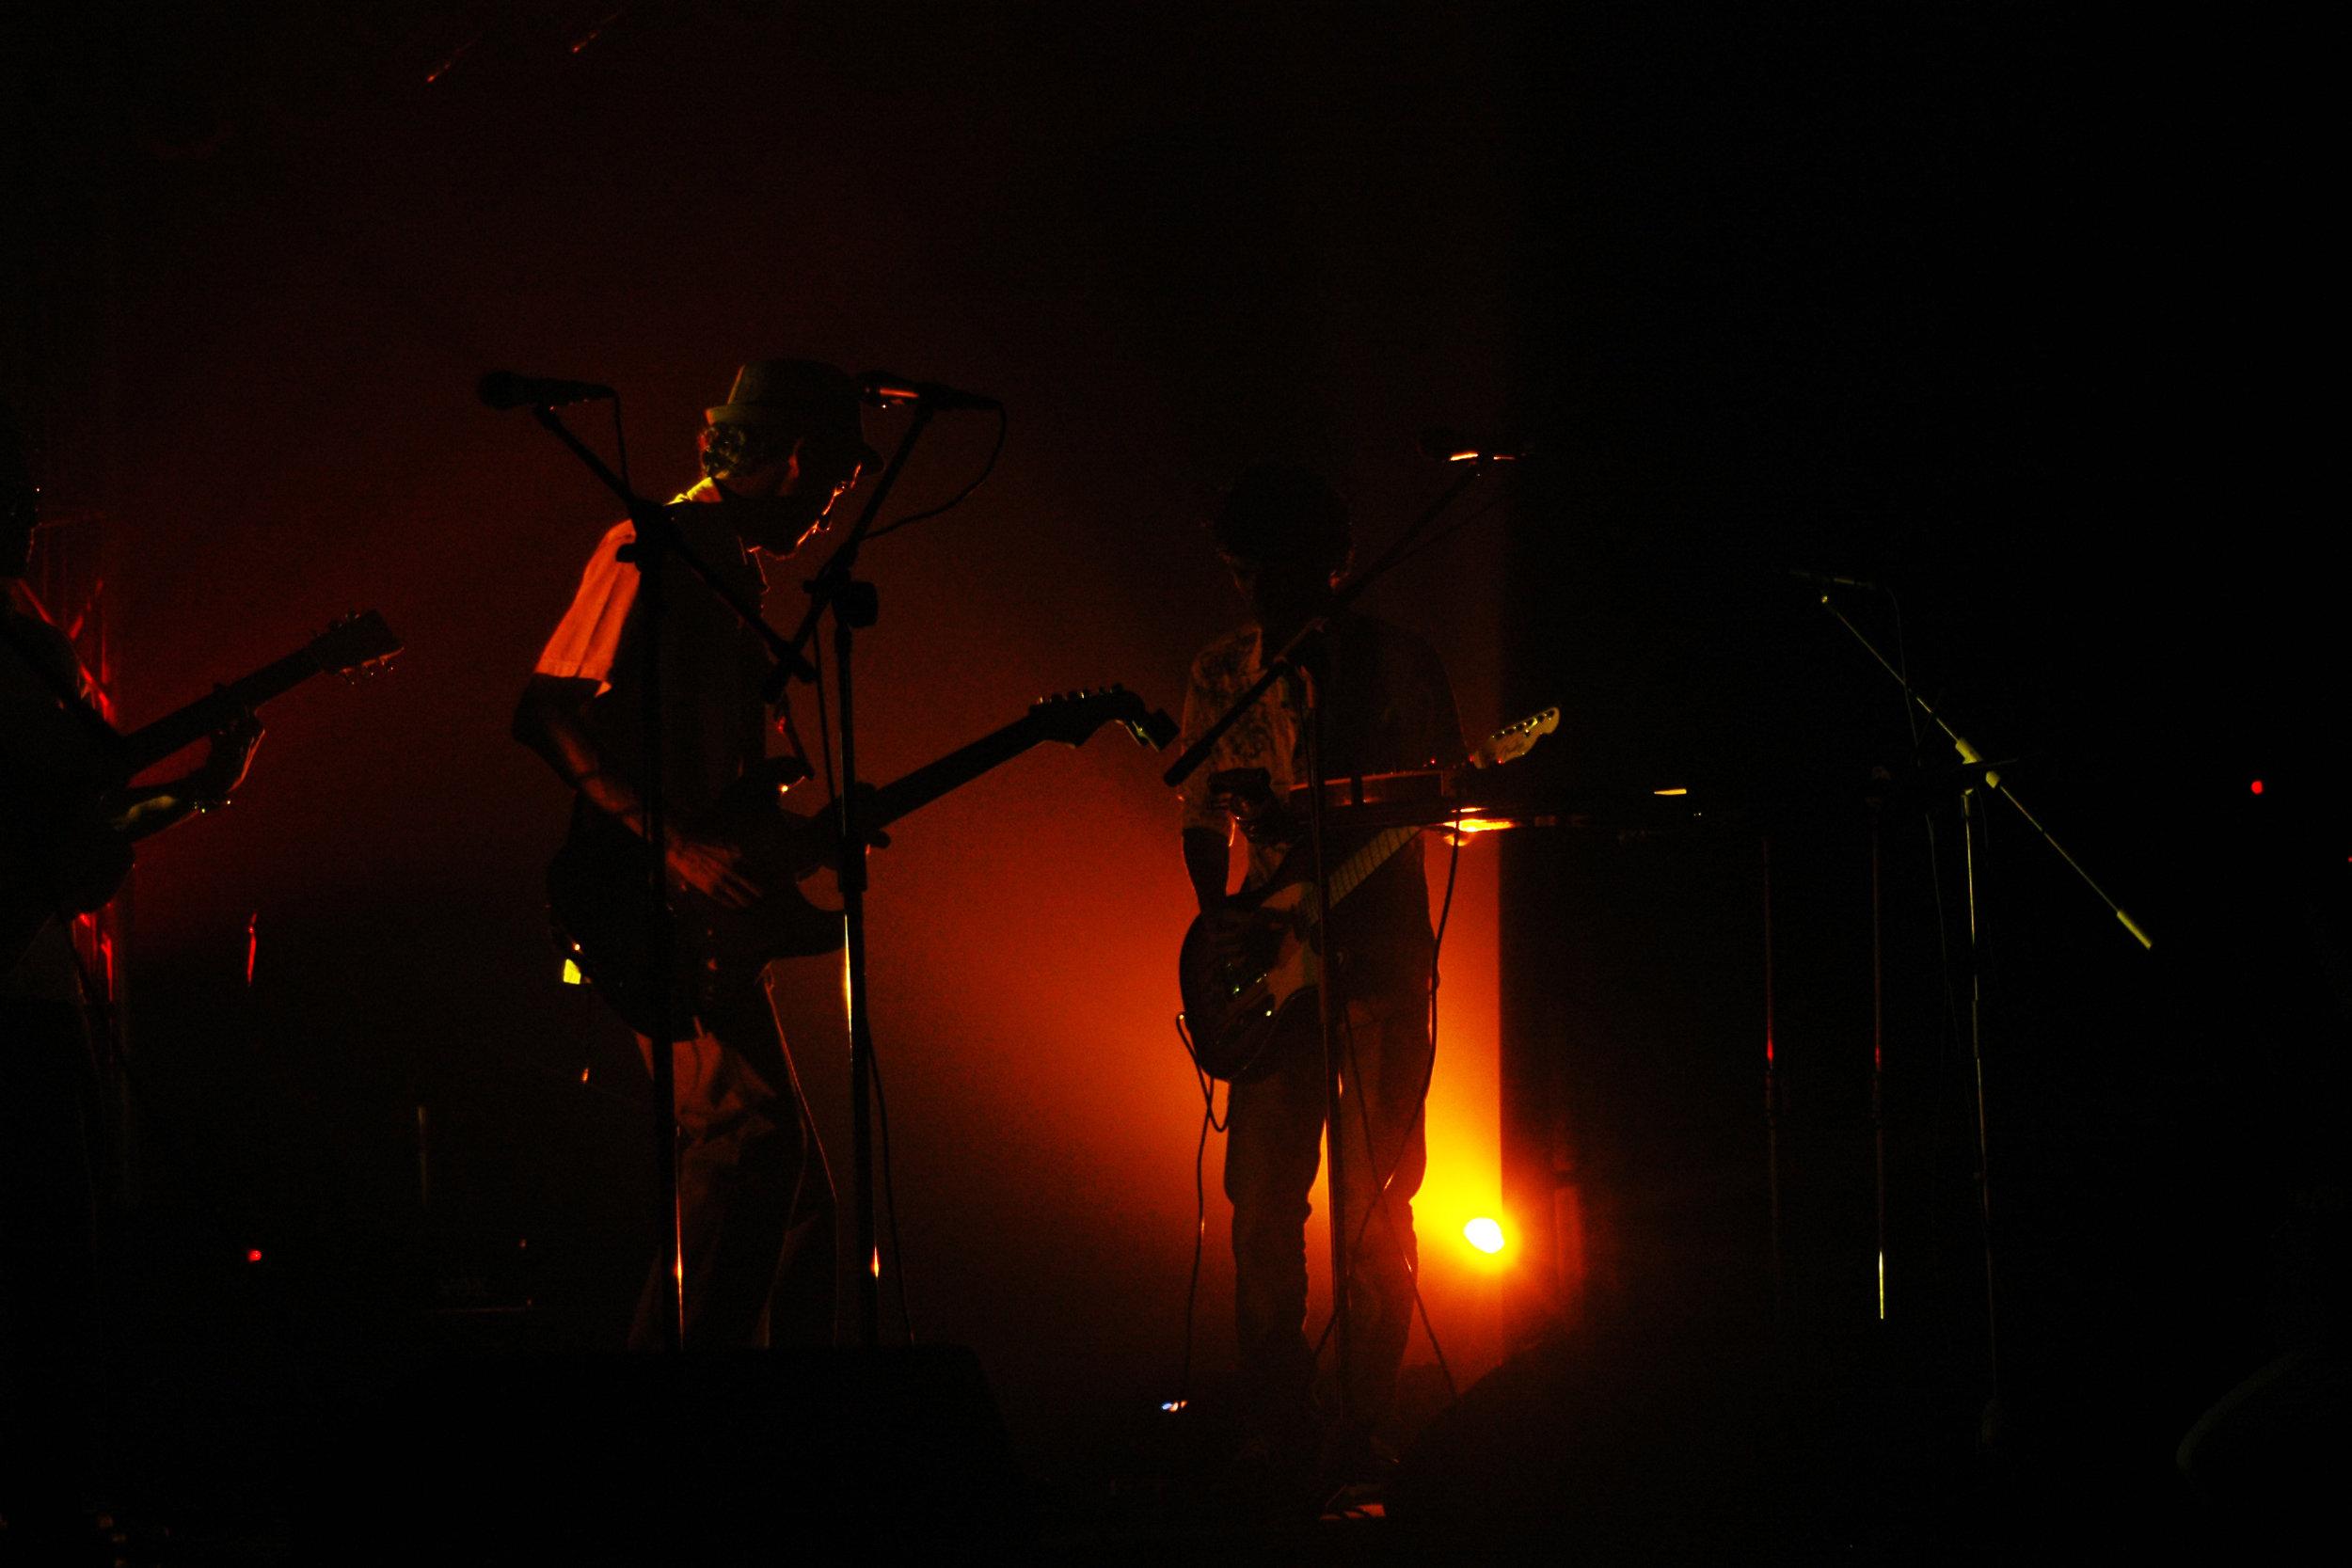 2009-08-19 - Male' City - Dharubaaruge' - Eku Ekee Album Launch - D70s-7948.jpg